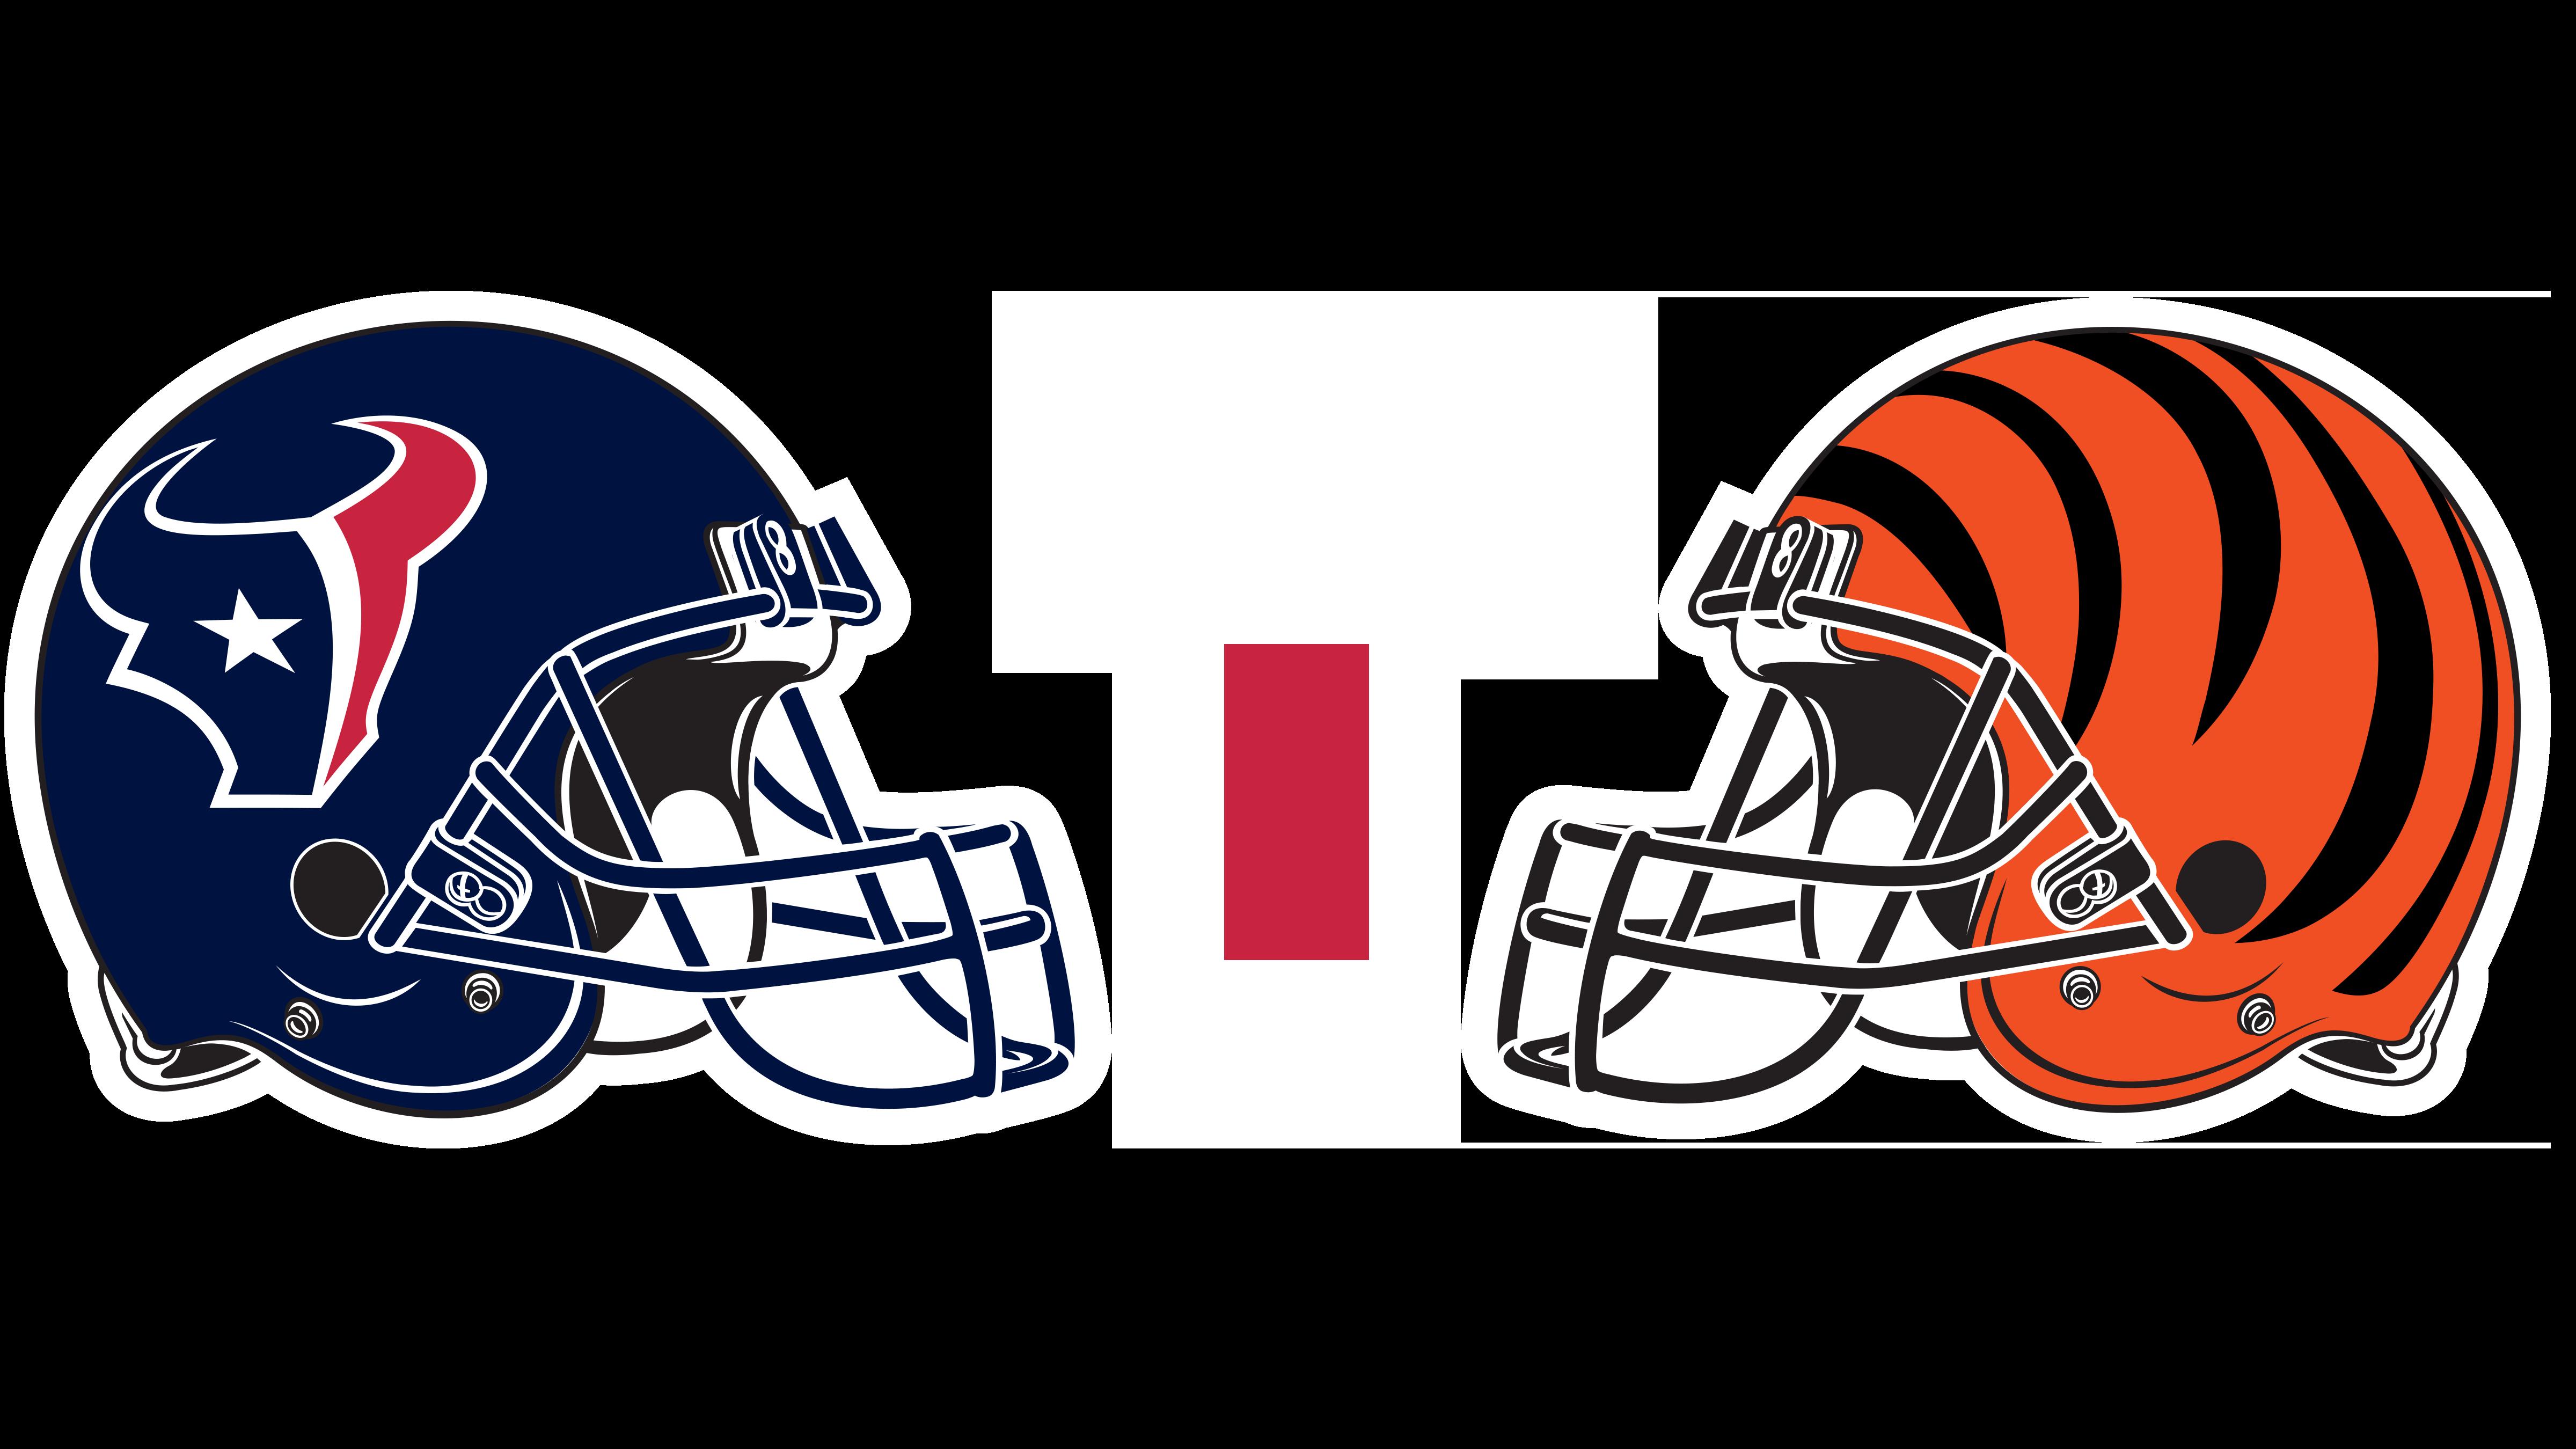 Houston Texans helmet and Cincinnati Bengals helmet